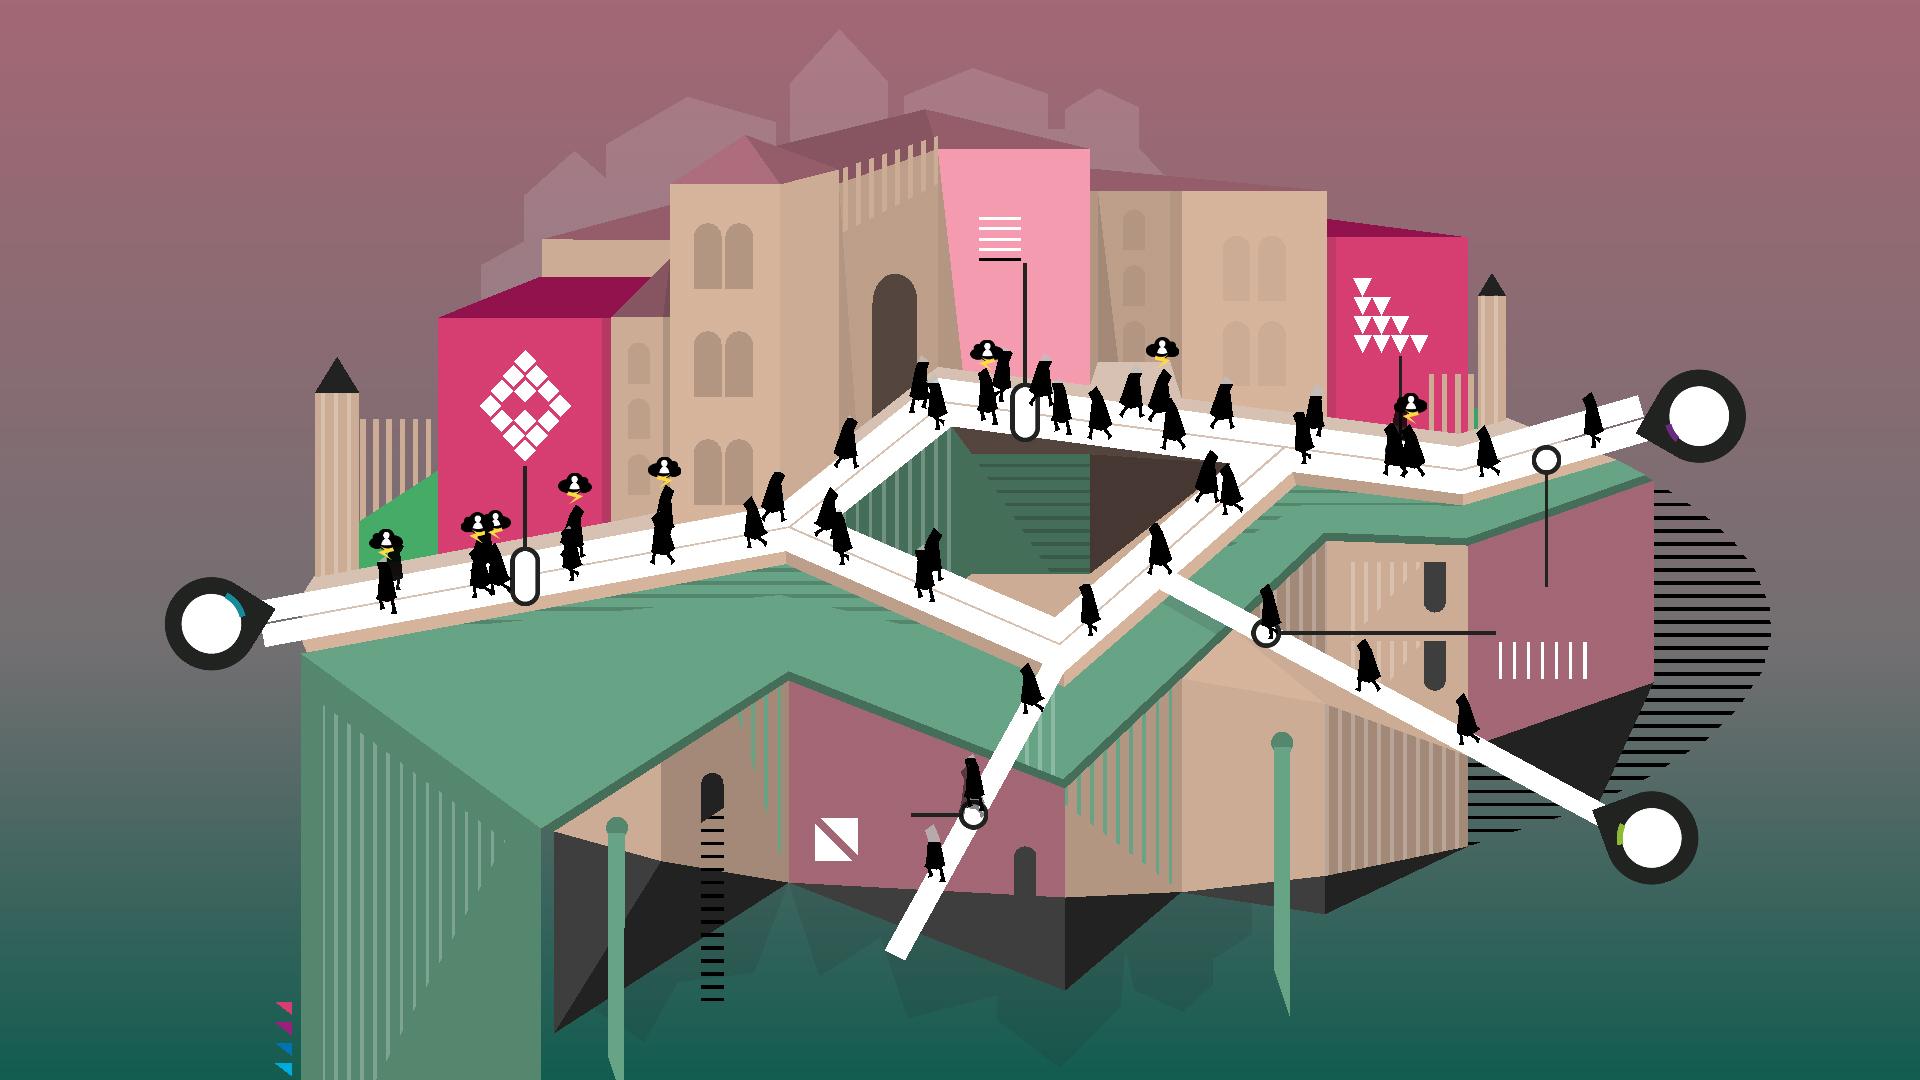 Rip Them Off es un puzzle minimalista que inteligentemente sirve para criticar la codicia corporativa y el capitalismo